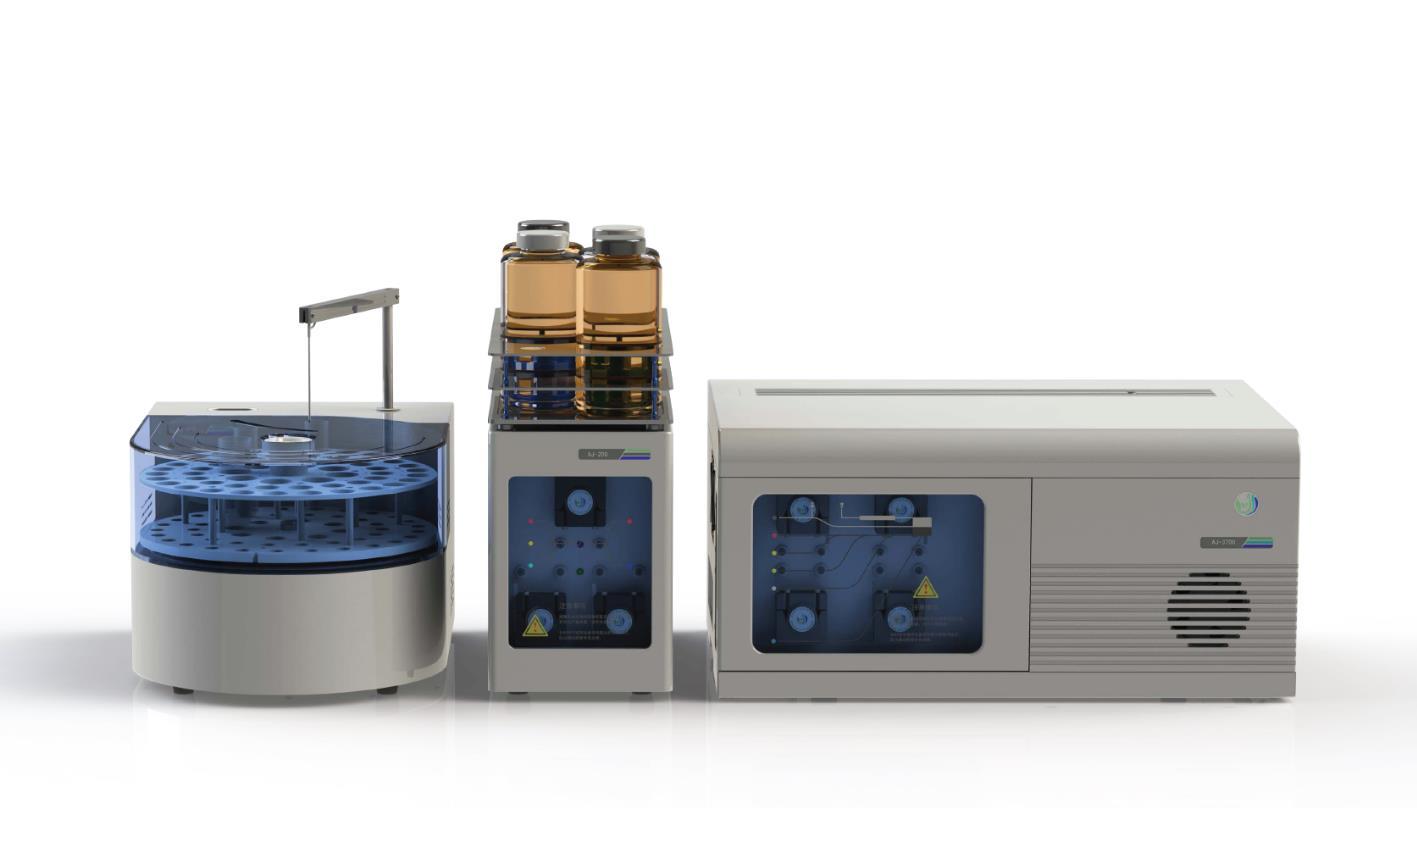 安杰科技气相分子吸收光谱仪接受国产科学仪器验证与综合评价